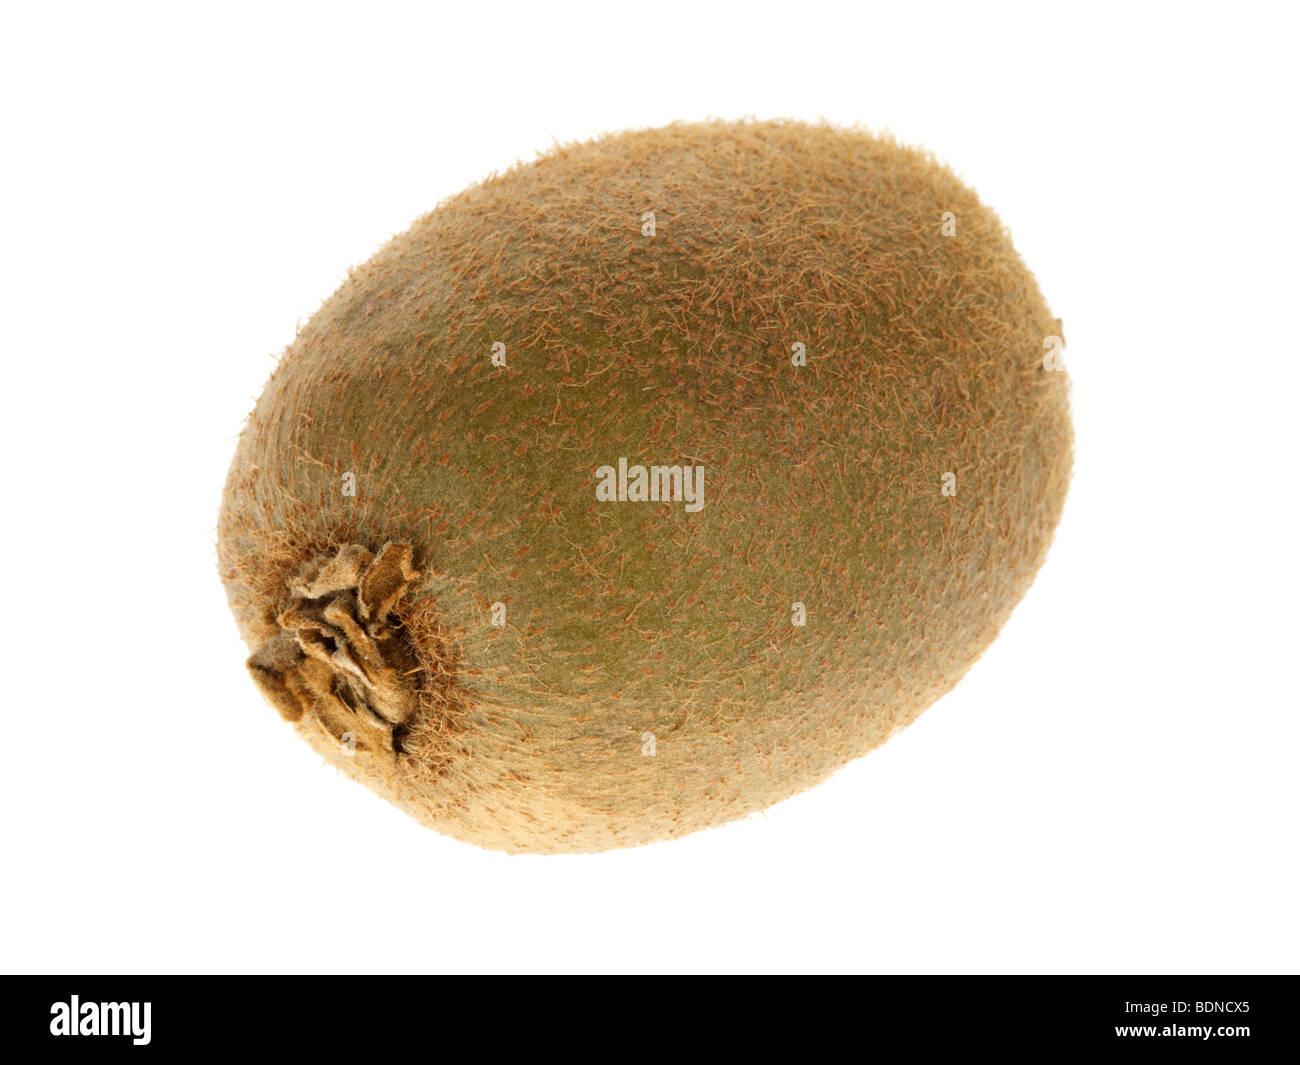 Kiwi Fruit - Stock Image